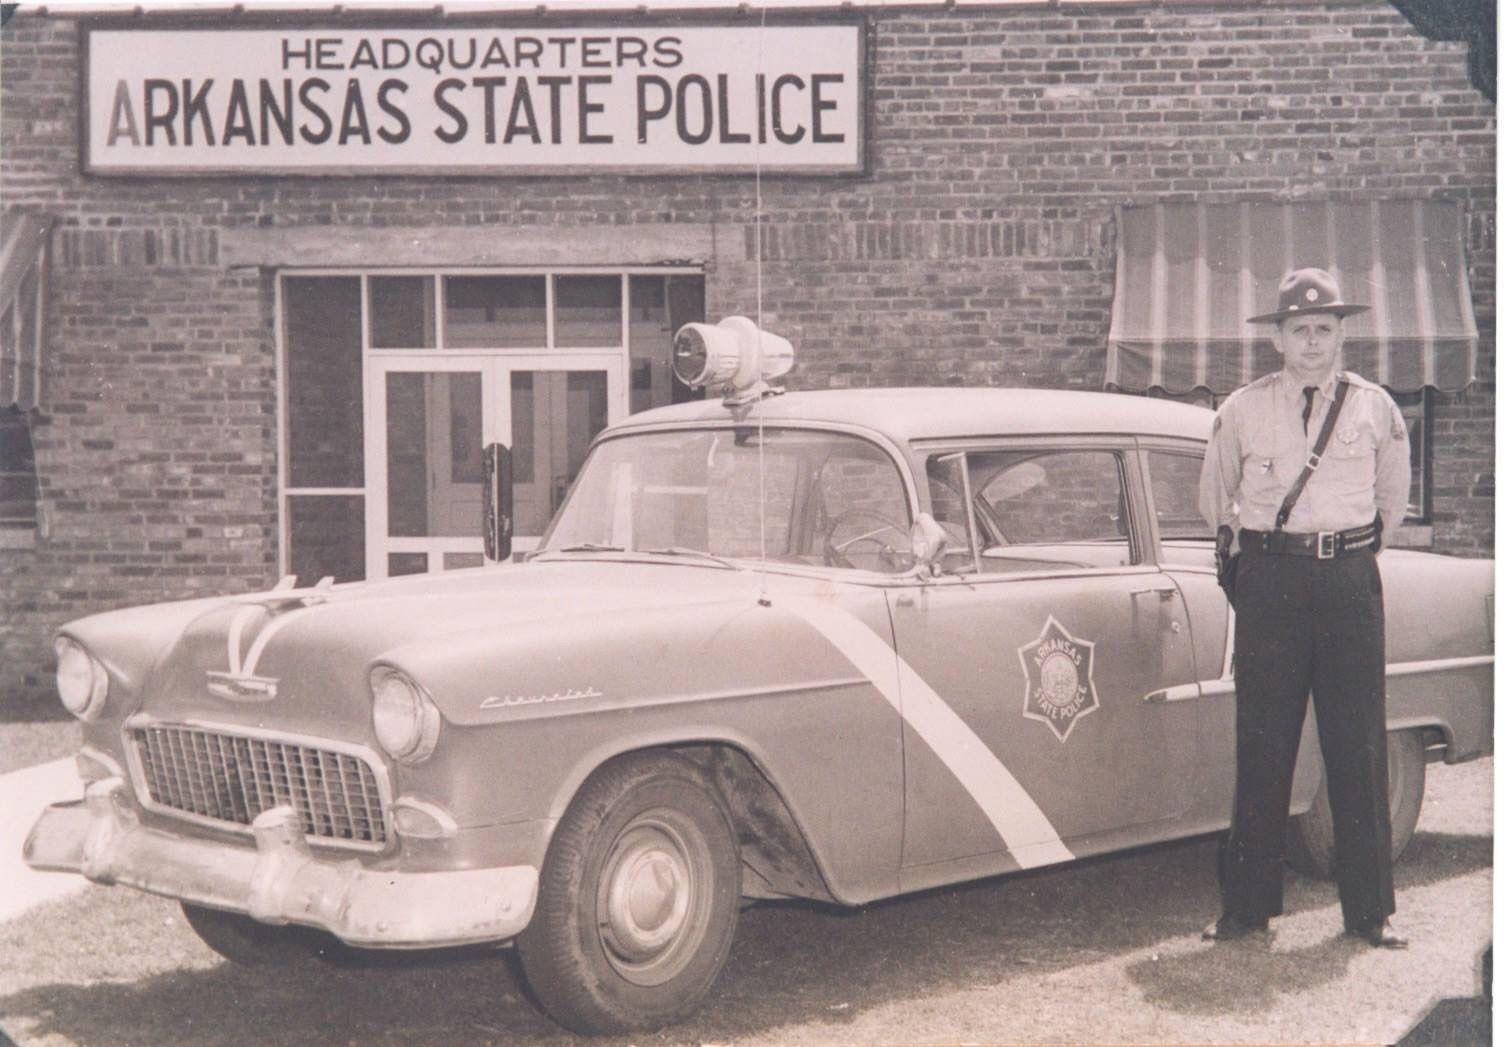 Jonesboro Arkansas State Police In The 1950 S State Police